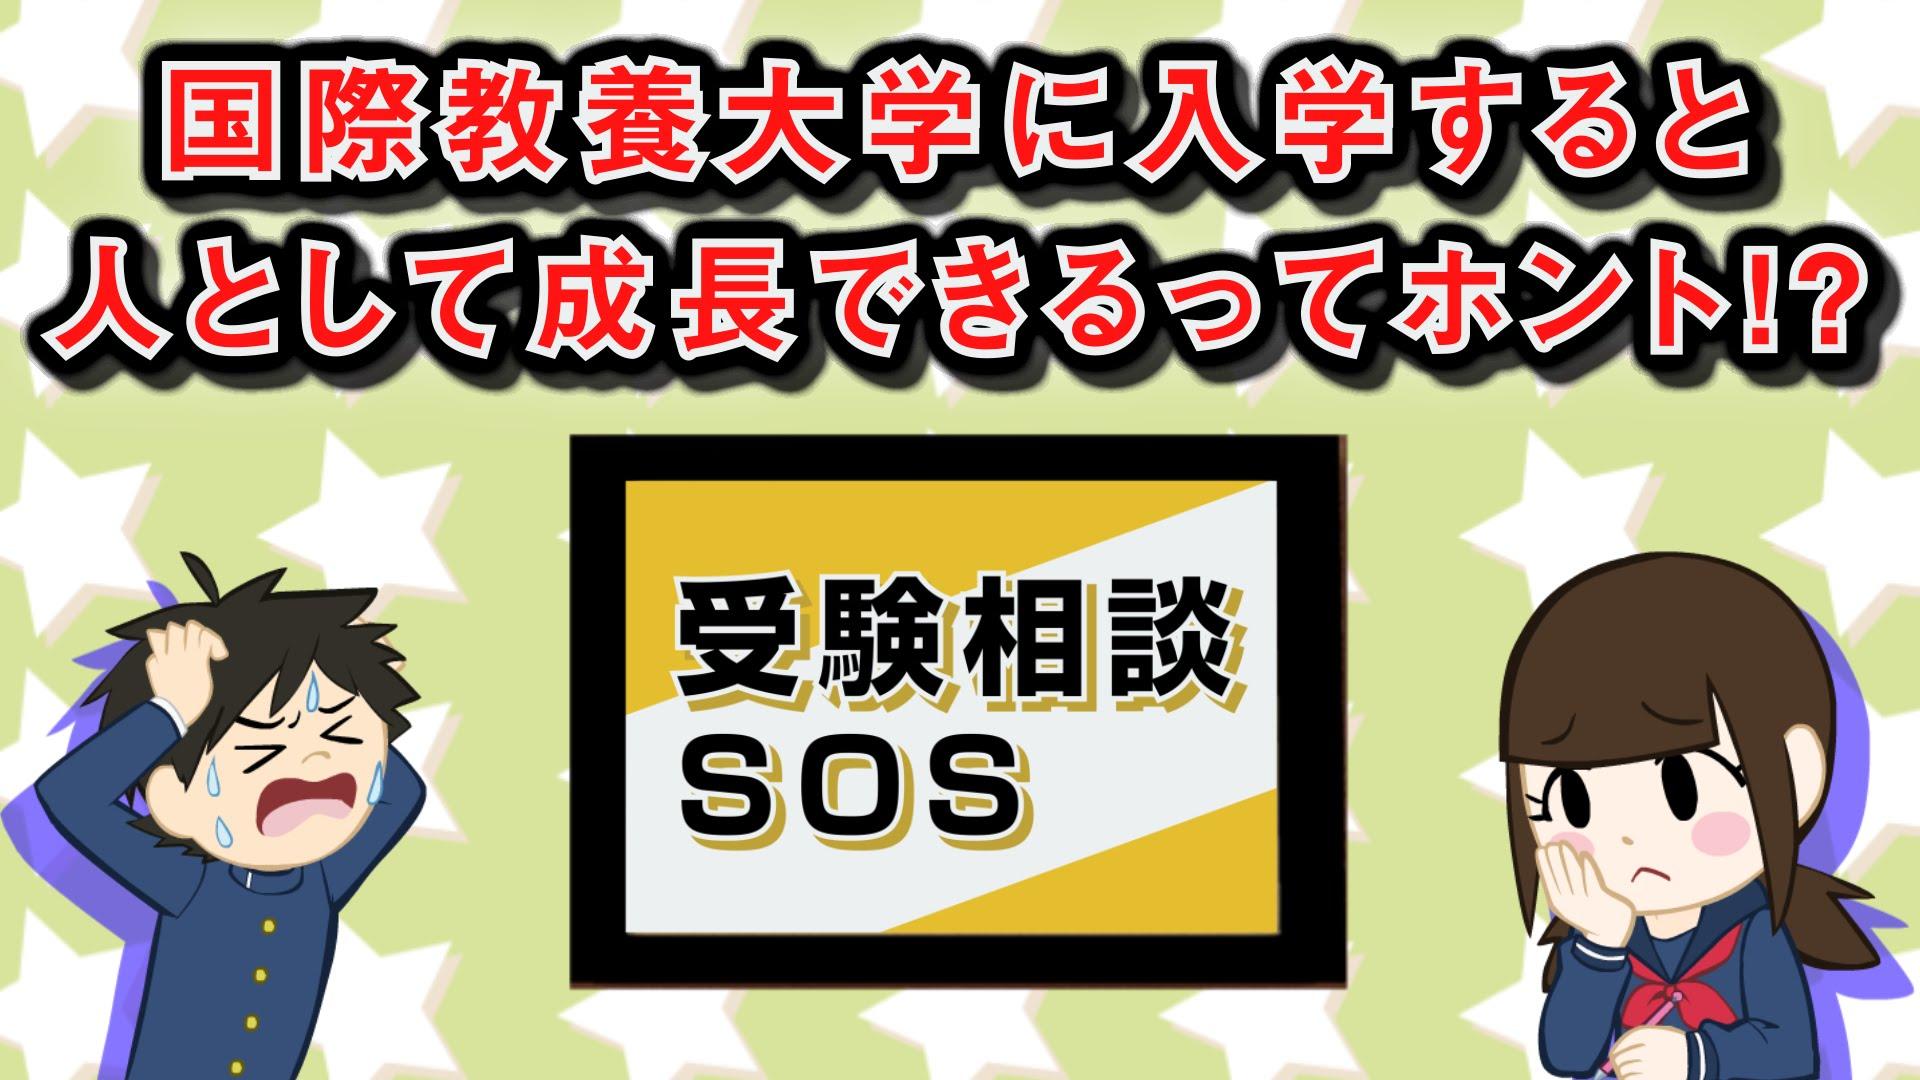 【vol.68】国際教養大学の評判!?成長できる大学とは?|受験相談SOS